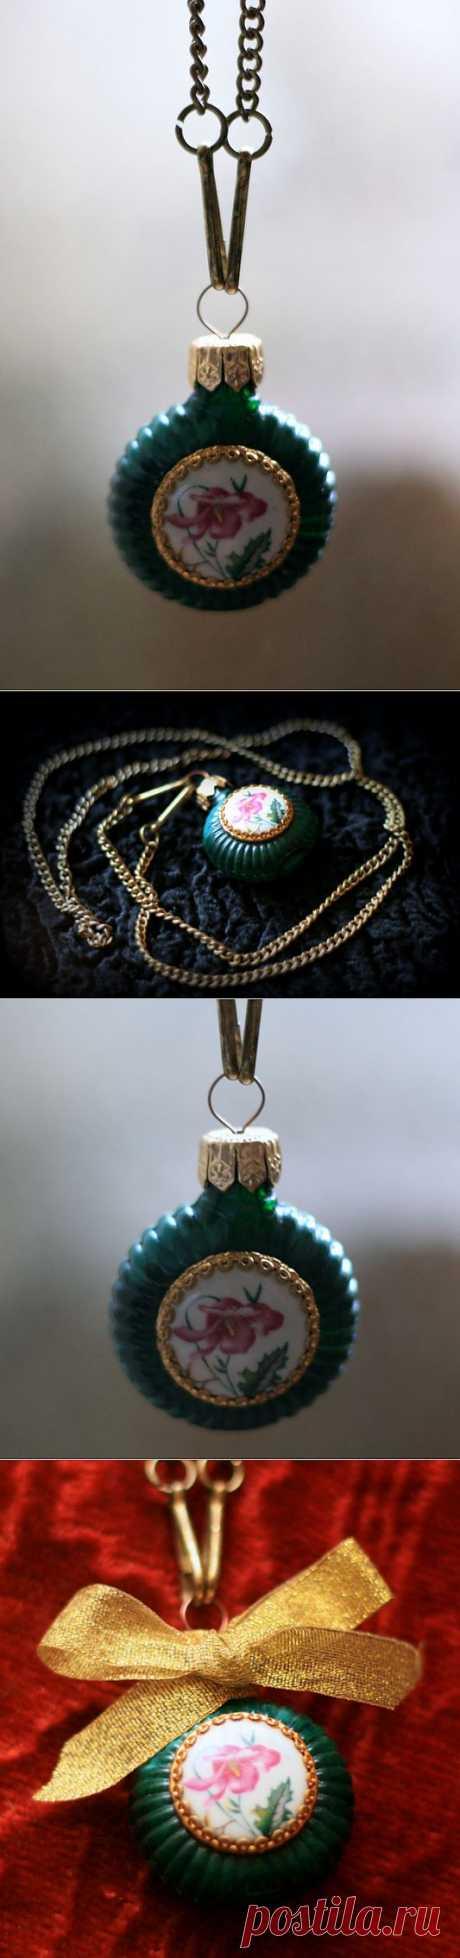 Флакон-кулон (DIY) / Украшения и бижутерия / Модный сайт о стильной переделке одежды и интерьера